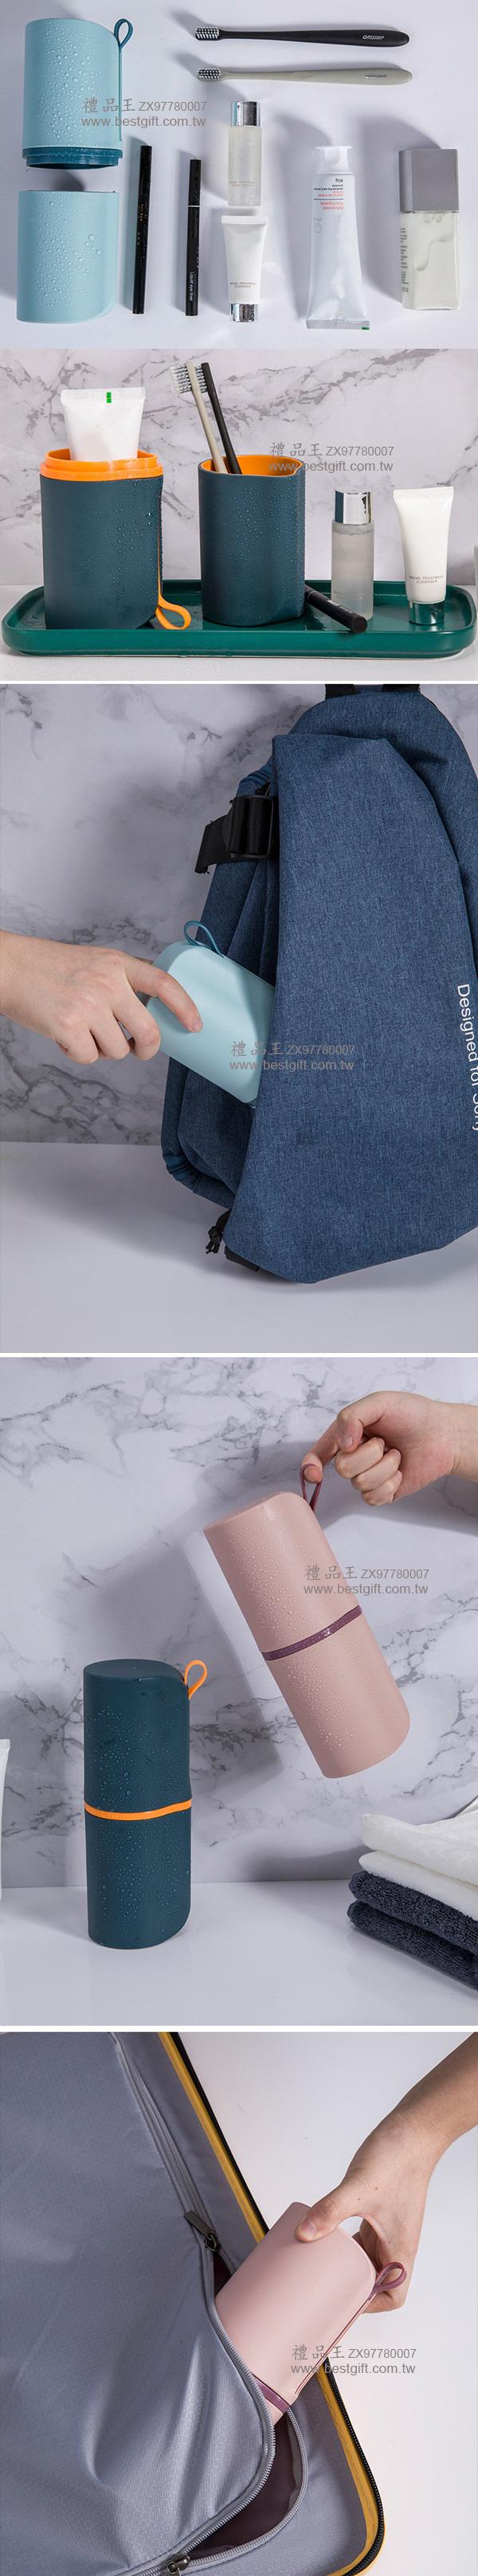 旅行牙刷收納盒漱口杯     商品貨號: ZX97780007